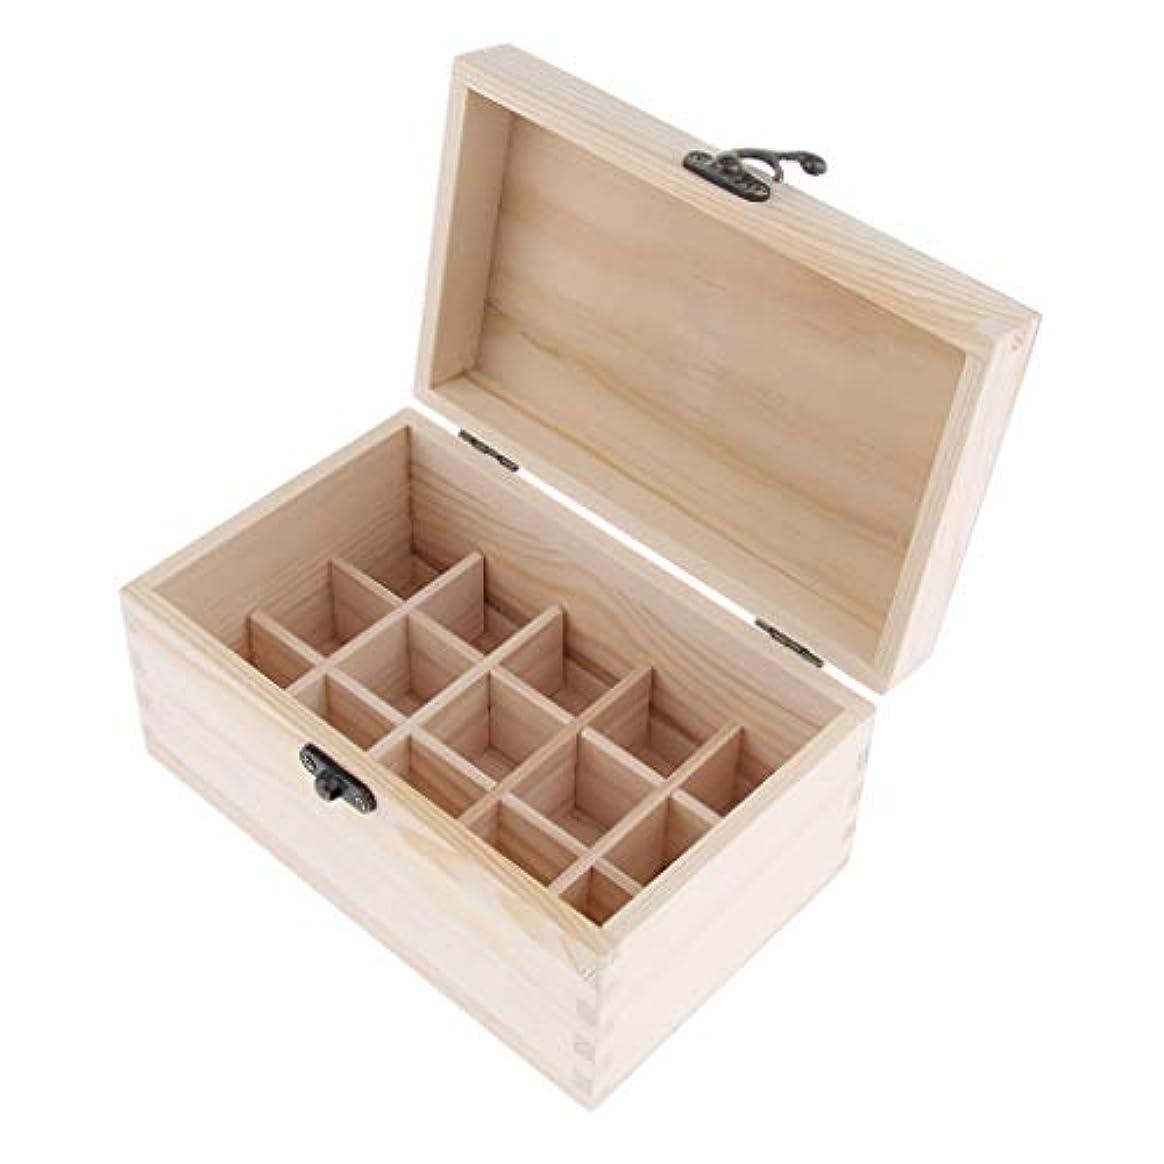 ペニーコテージ戸惑うsharprepublic エッセンシャルオイルケース 収納ボックス ディスプレイホルダー キャリーケース 15仕切り 木製